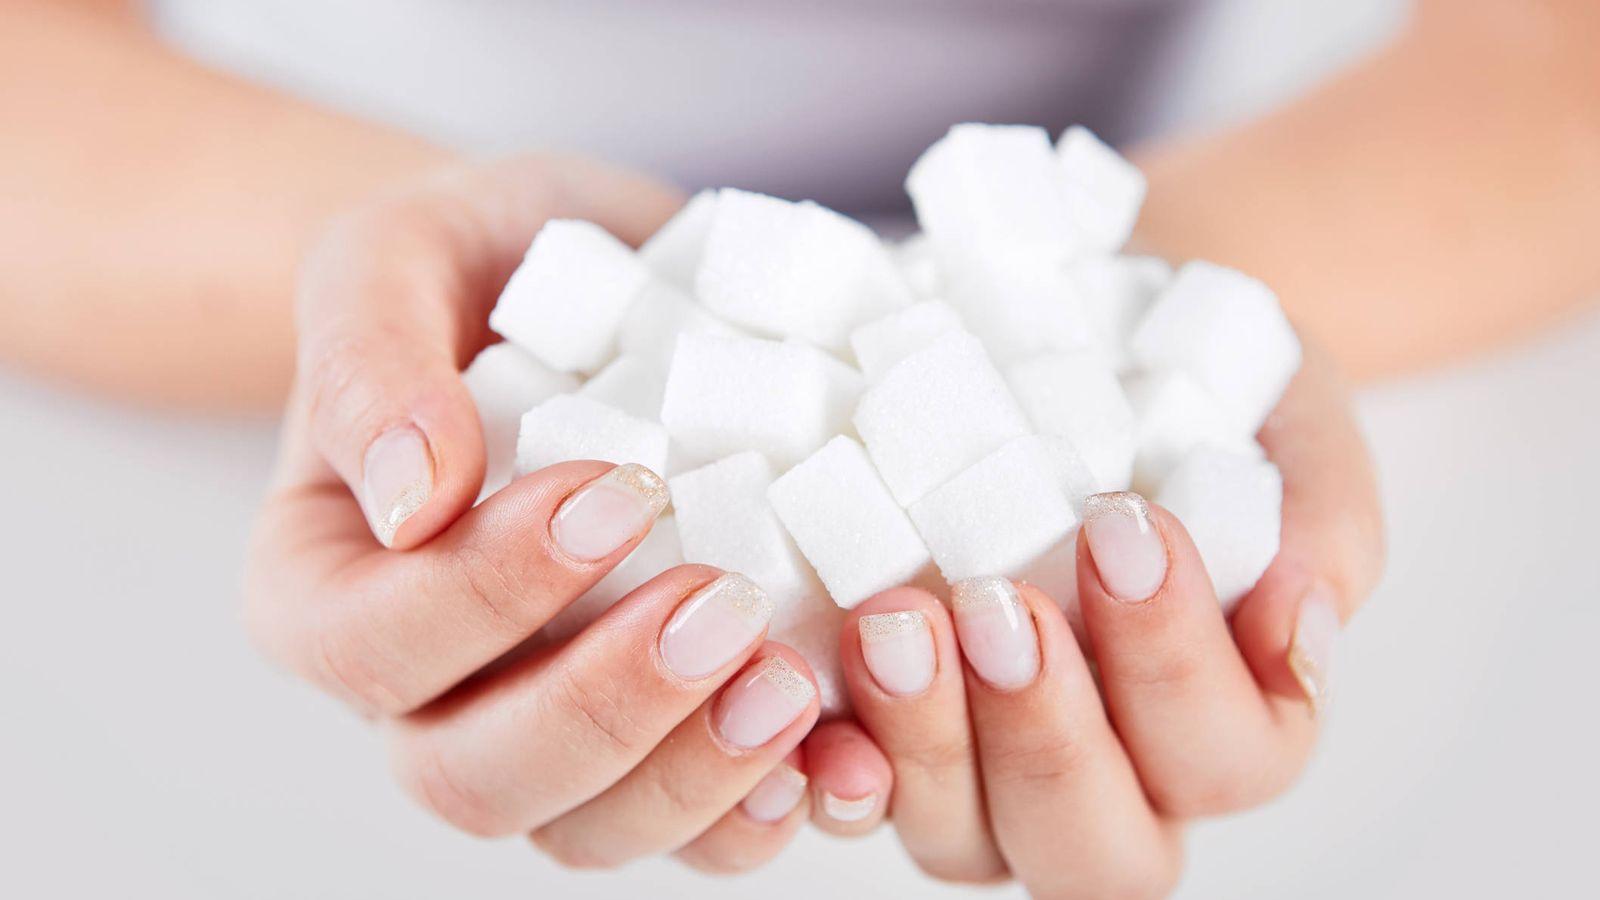 Alimentación 3 Alimentos Que Logran Reducir El Azúcar En Sangre Como Los Huevos